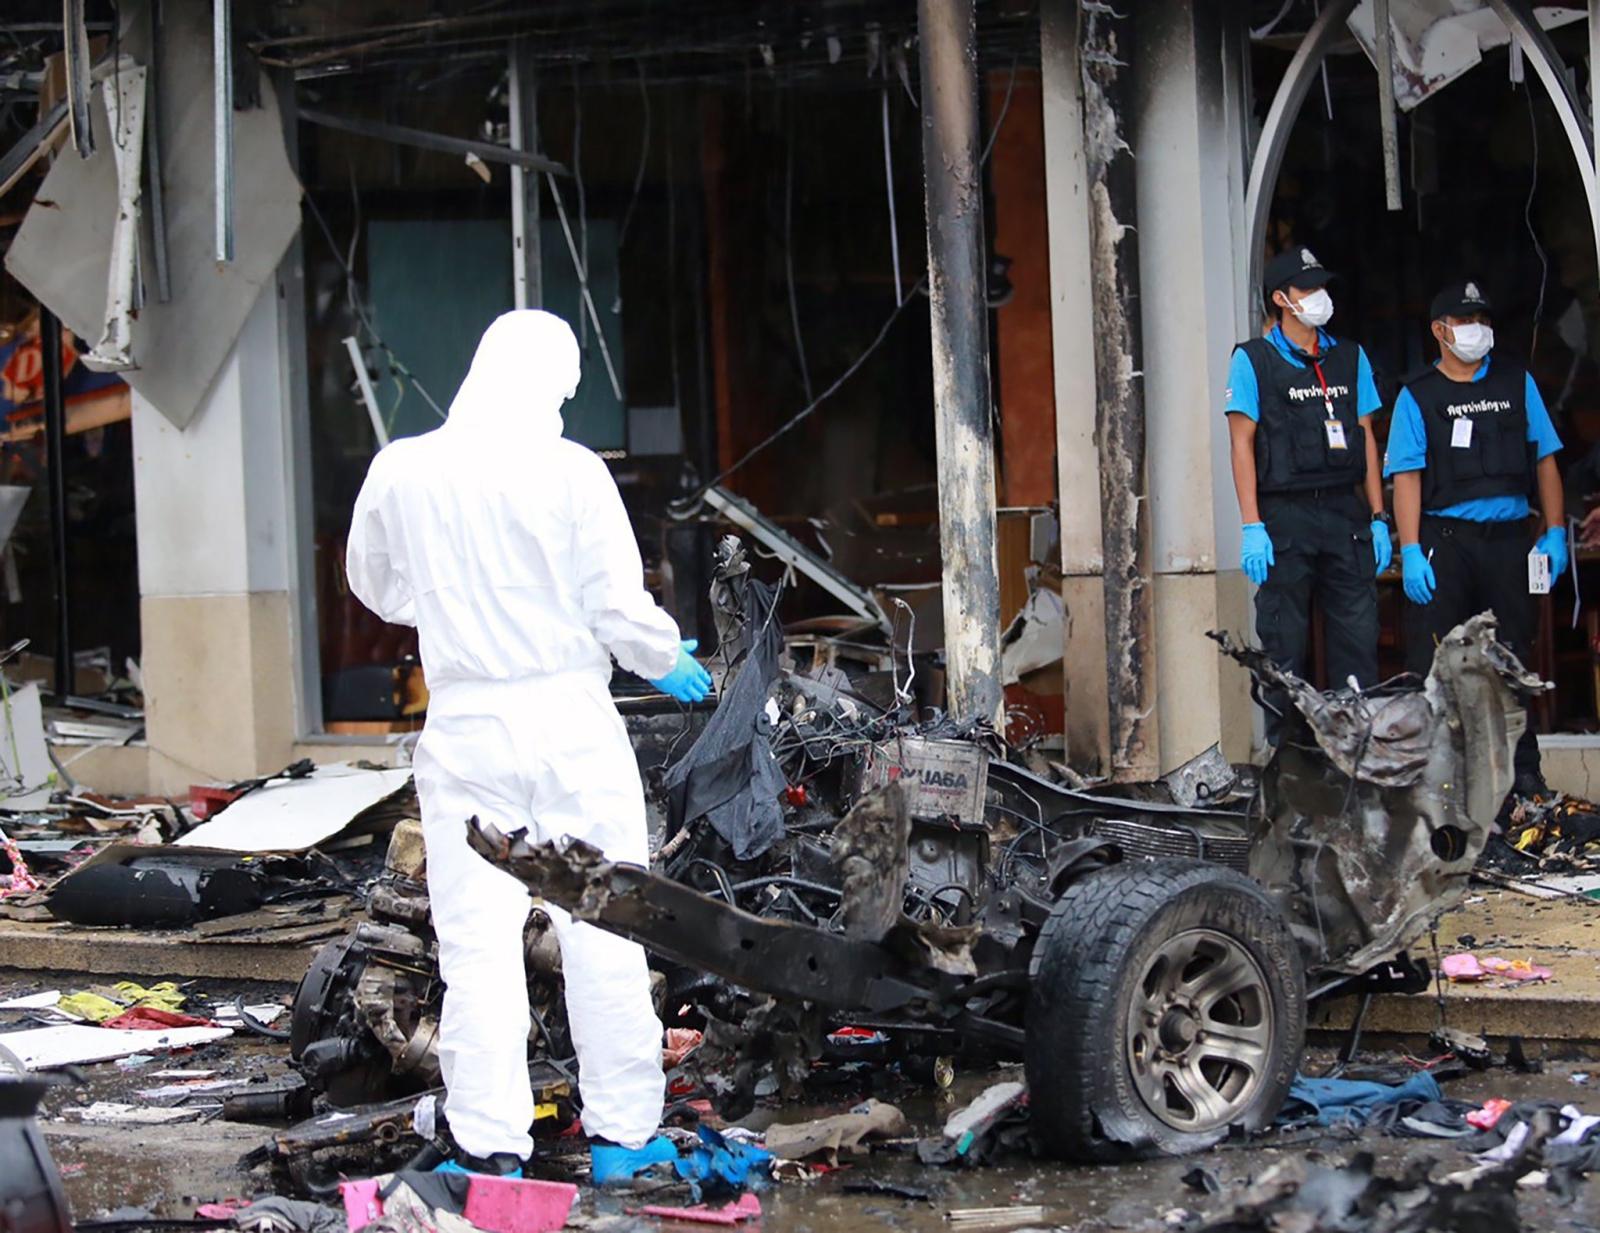 Tajlandia, ponad 50 osób rannych w wyniku wybuchu bomby w supermarkecie. fot. EPA/STR THAILAND OUT